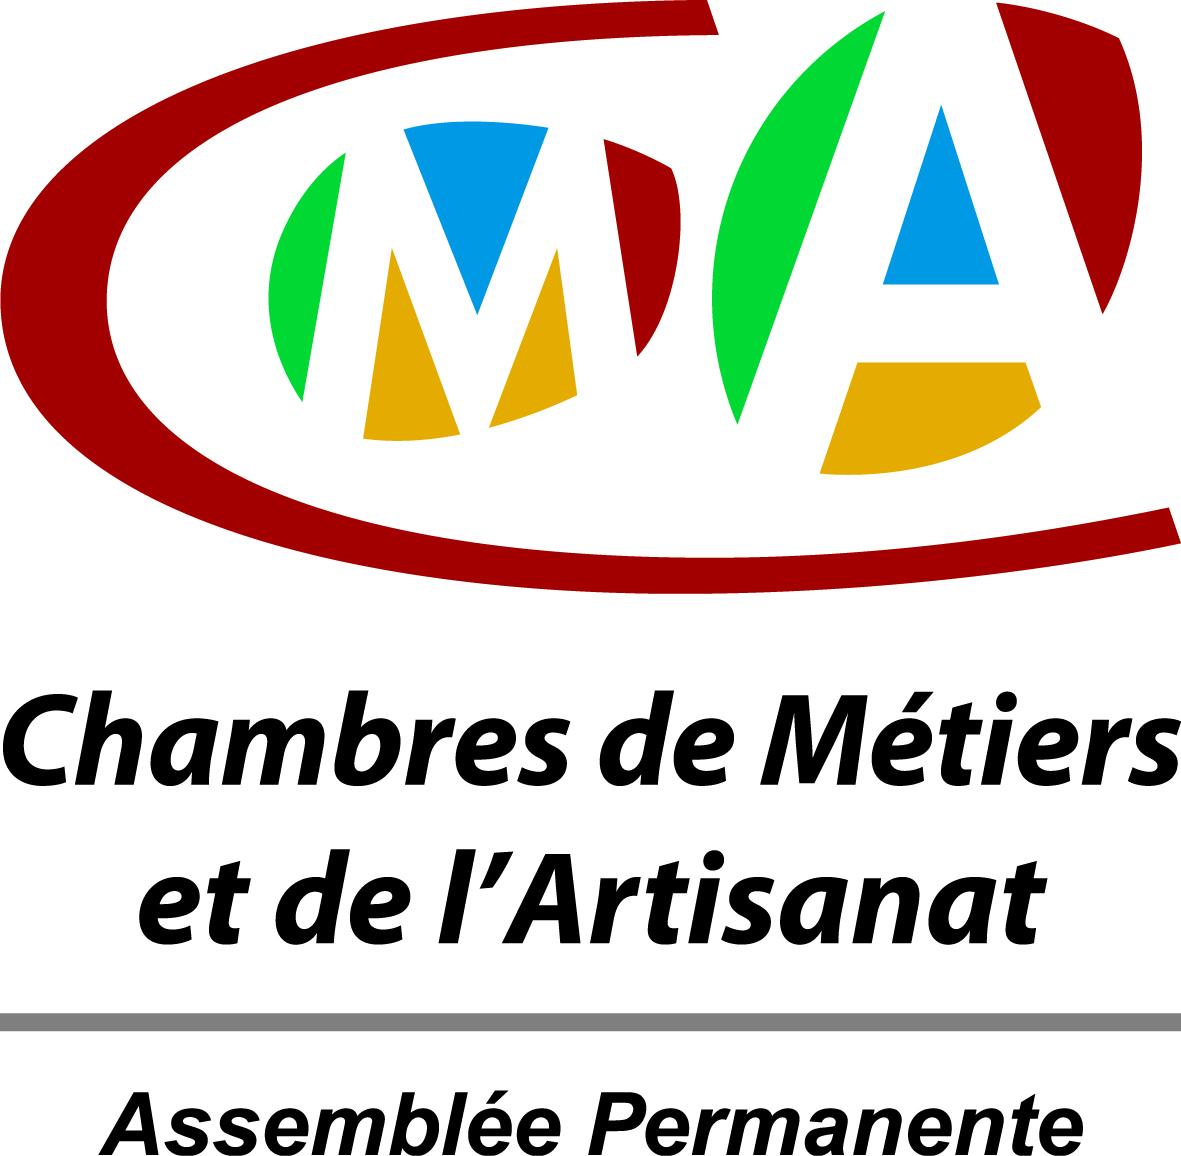 Les partenaires de l 39 artisanat en r gion centre val de - Chambre des metiers et de l artisanat nice ...